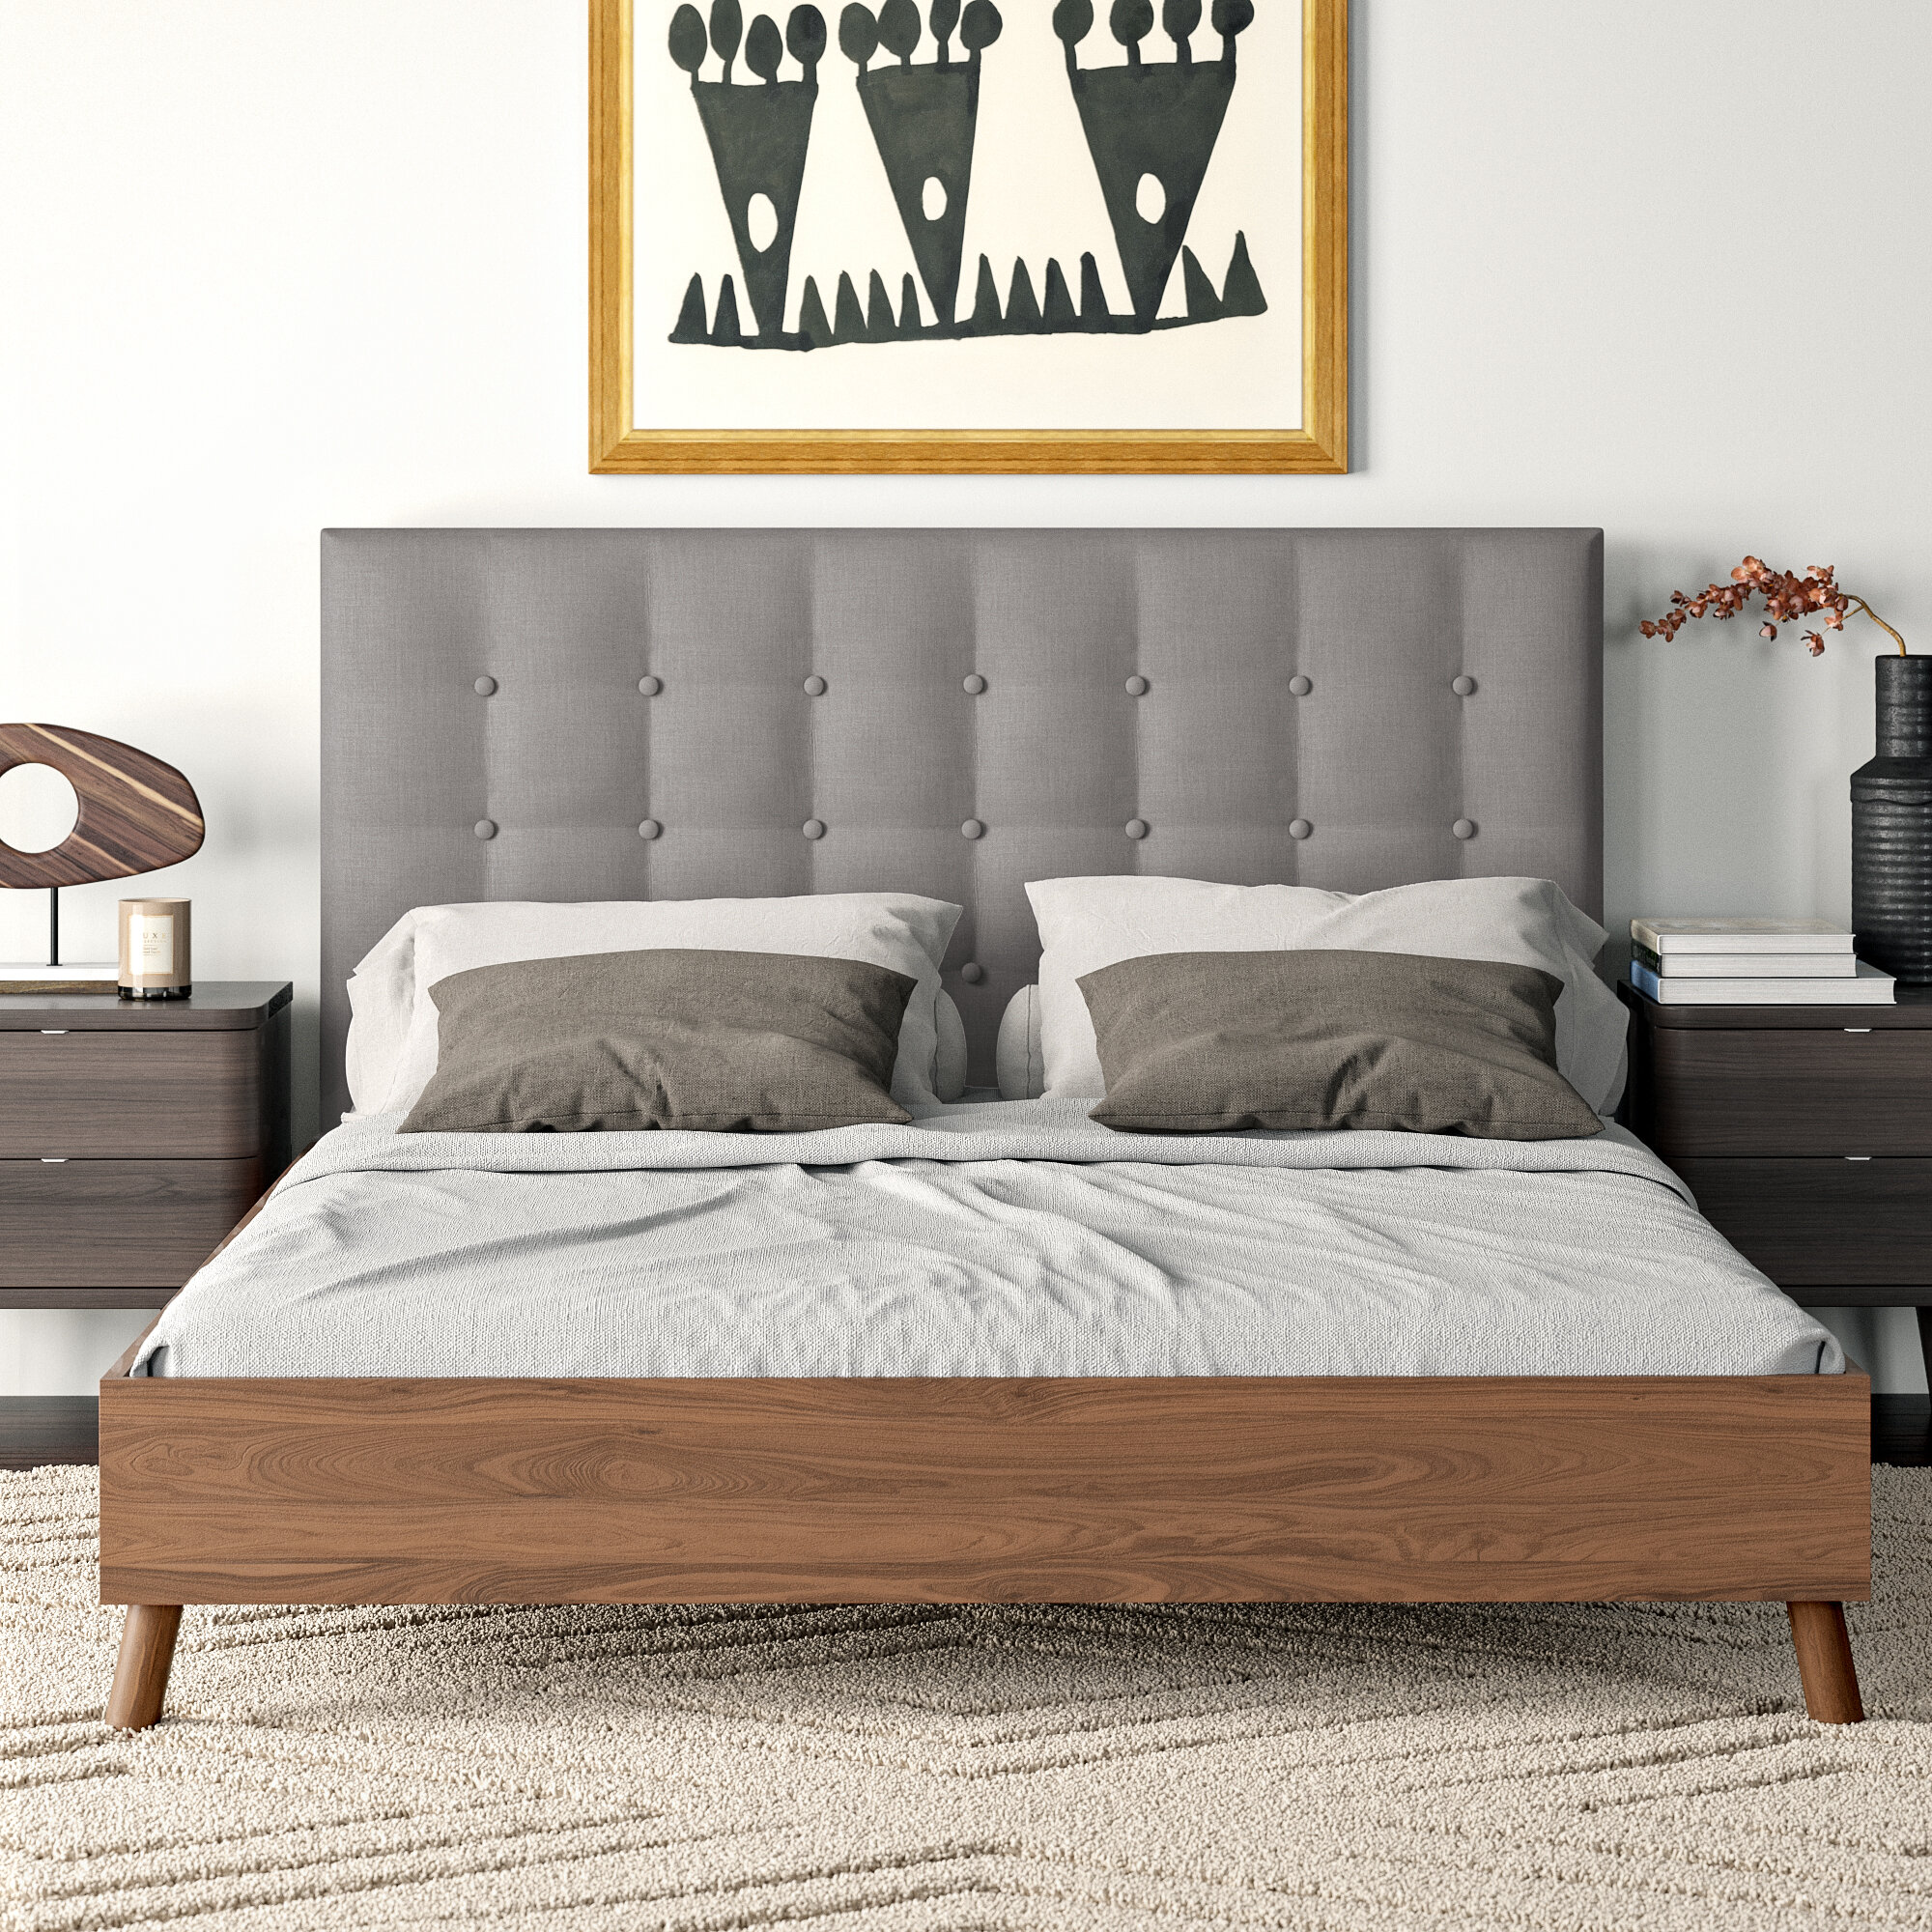 Alaina Upholstered Platform Bed